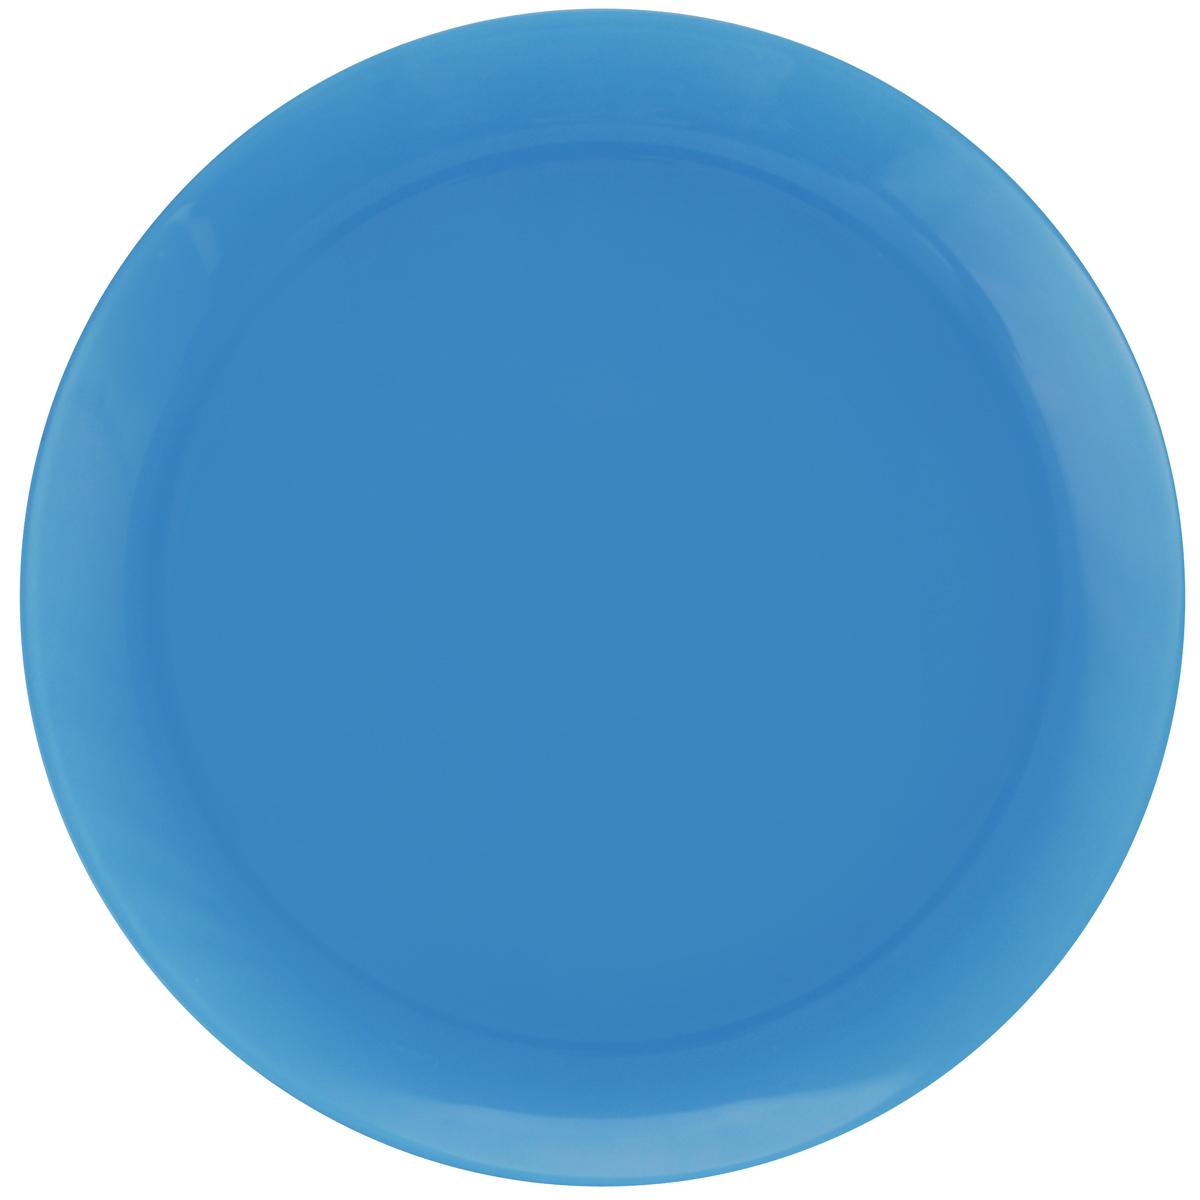 Тарелка десертная Luminarc Arty Azur, диаметр 21 смH7258Десертная тарелка Luminarc Arty Azur, изготовленная из ударопрочного стекла, имеет изысканный внешний вид. Такая тарелка прекрасно подходит как для торжественных случаев, так и для повседневного использования. Идеальна для подачи десертов, пирожных, тортов и многого другого. Она прекрасно оформит стол и станет отличным дополнением к вашей коллекции кухонной посуды. Можно использовать в микроволновой печи, холодильнике и мыть в посудомоечной машине. Диаметр тарелки по верхнему краю: 21 см.